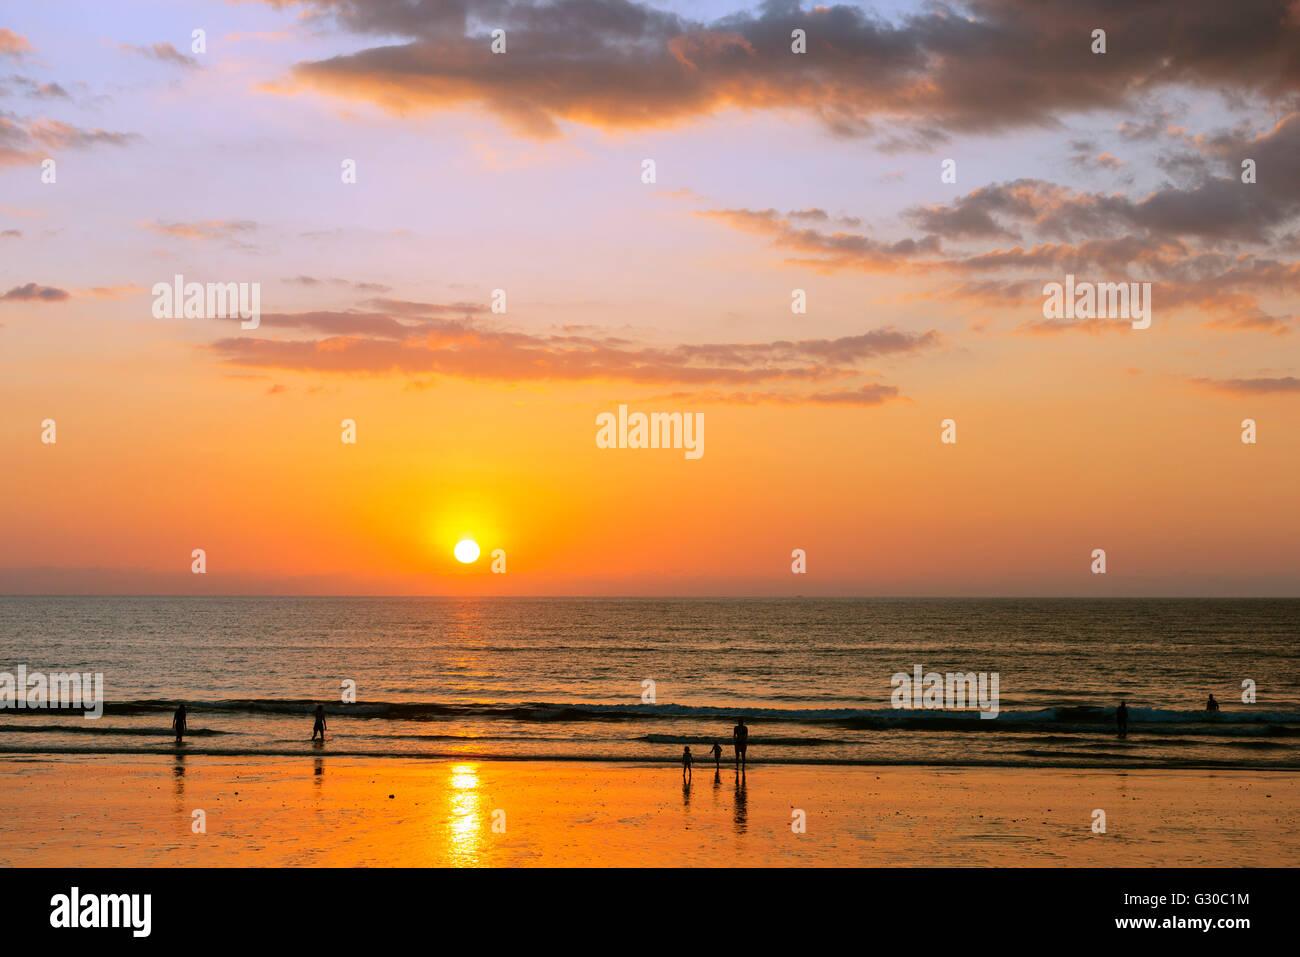 Souvenirs Plage, Coucher de soleil, Khao Lak, province de Phang Nga, Thaïlande, Asie du Sud, Asie Photo Stock